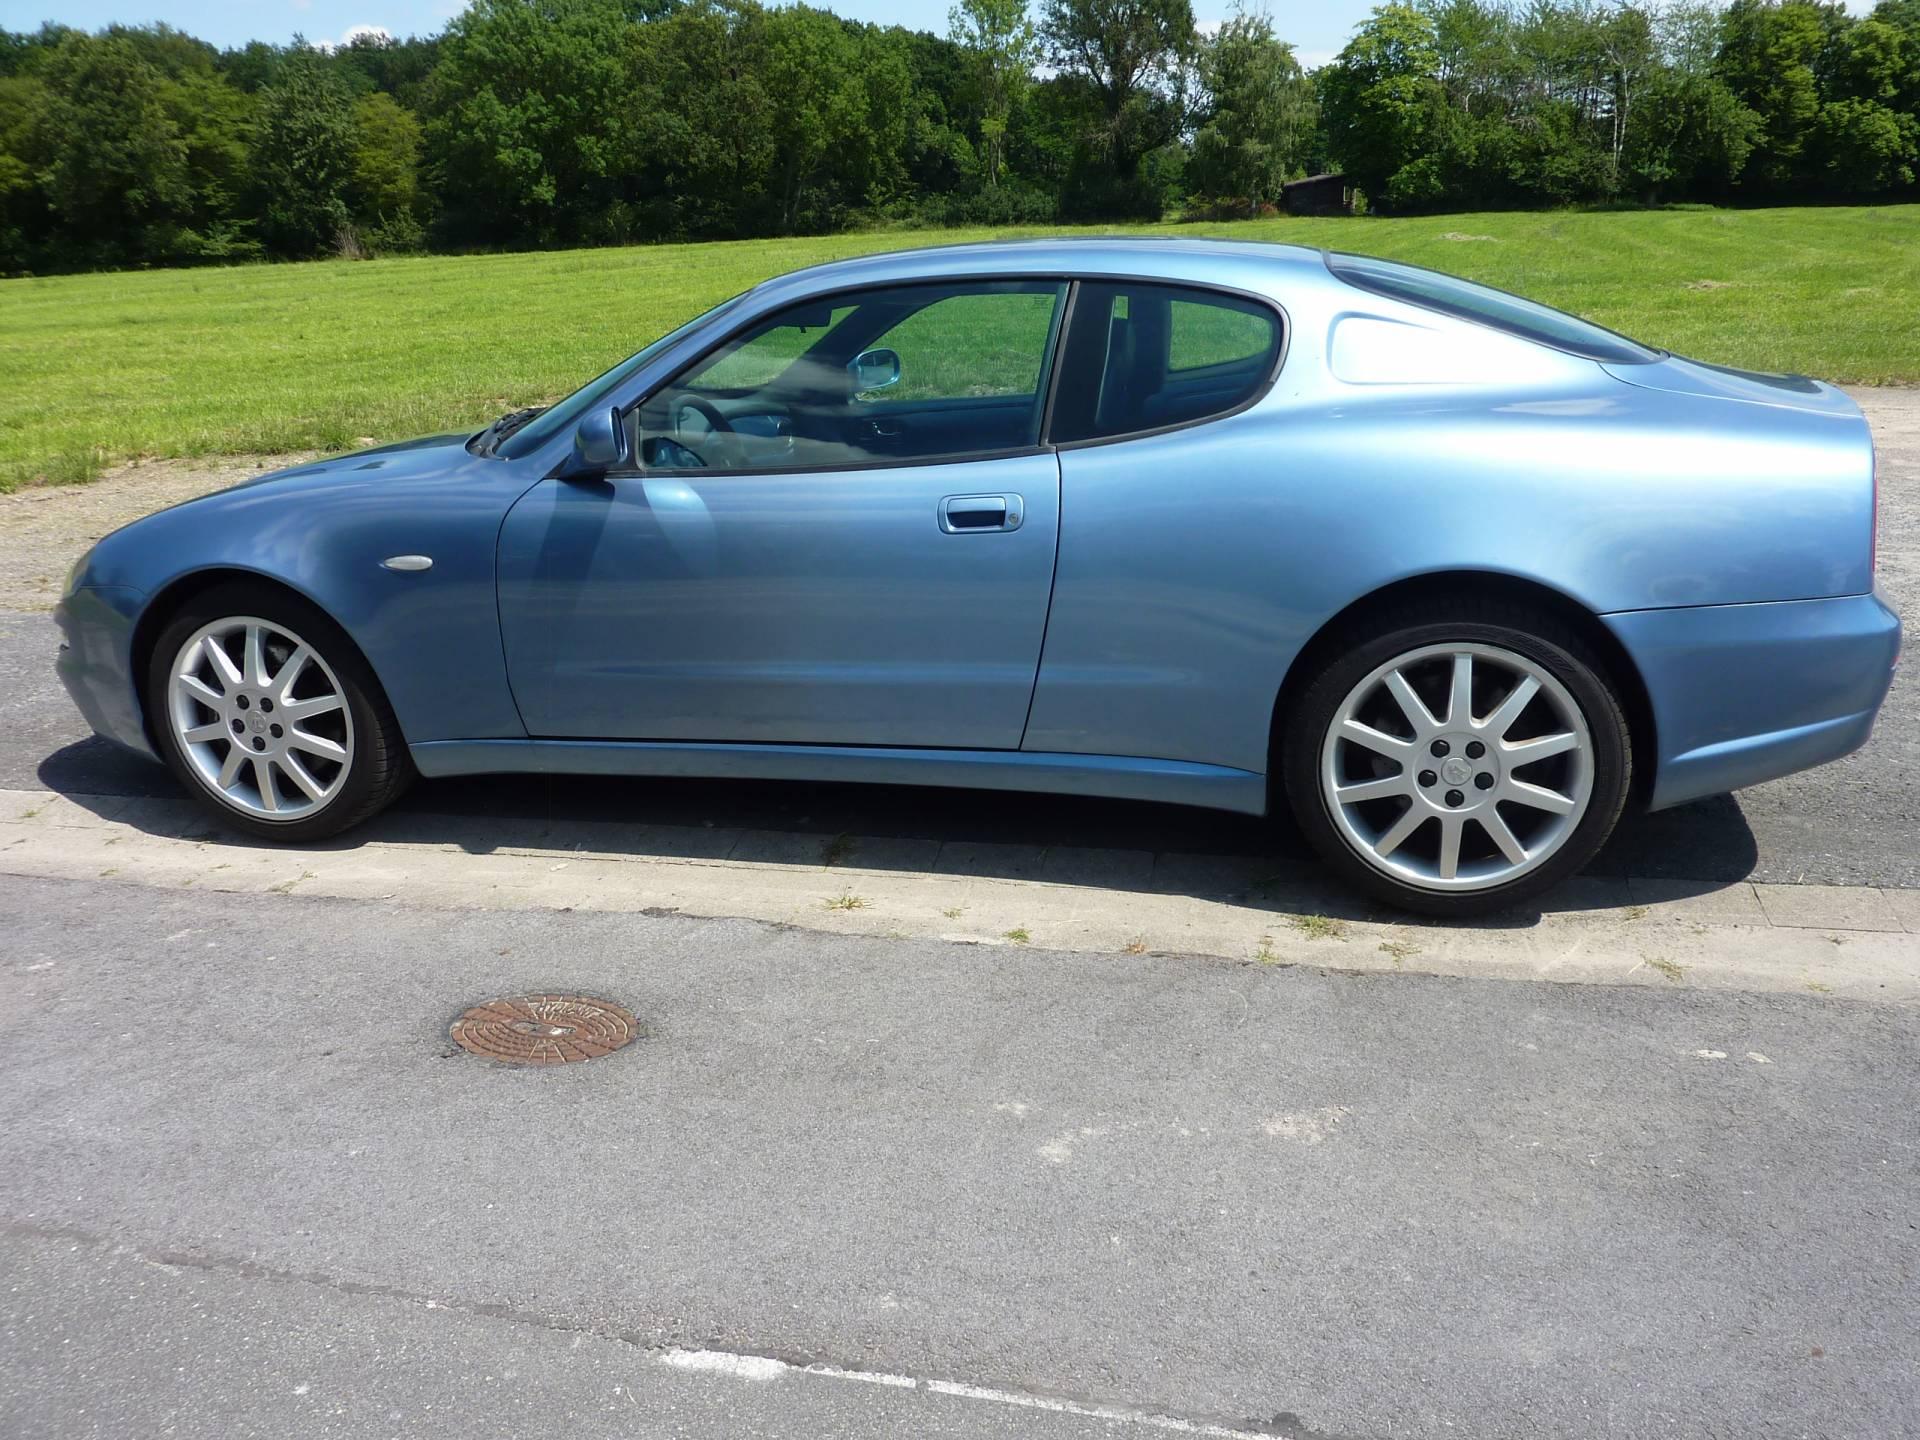 Maserati 3200 GTA (1999) für 17.980 EUR kaufen